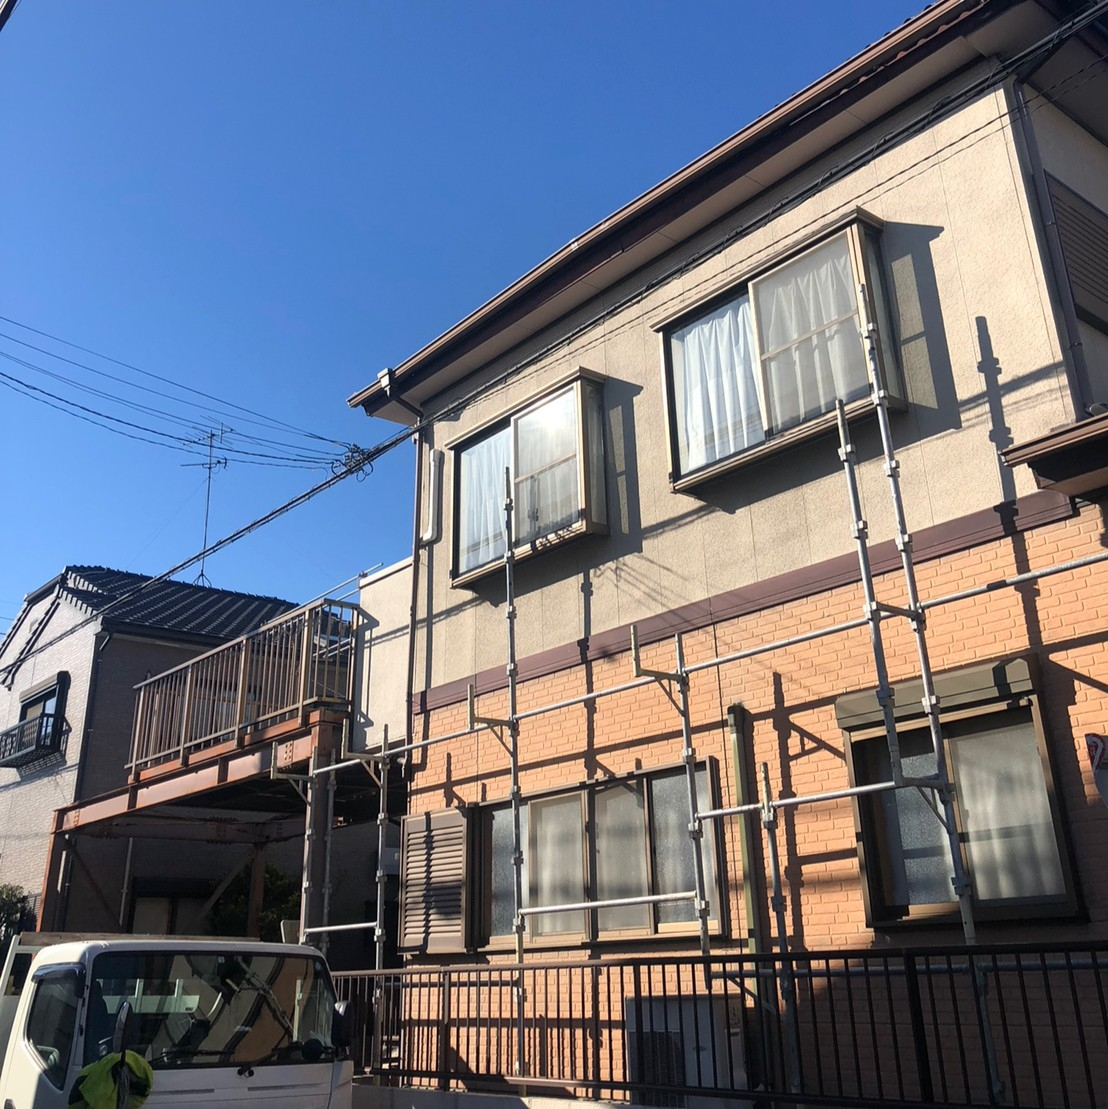 jirei_image54640